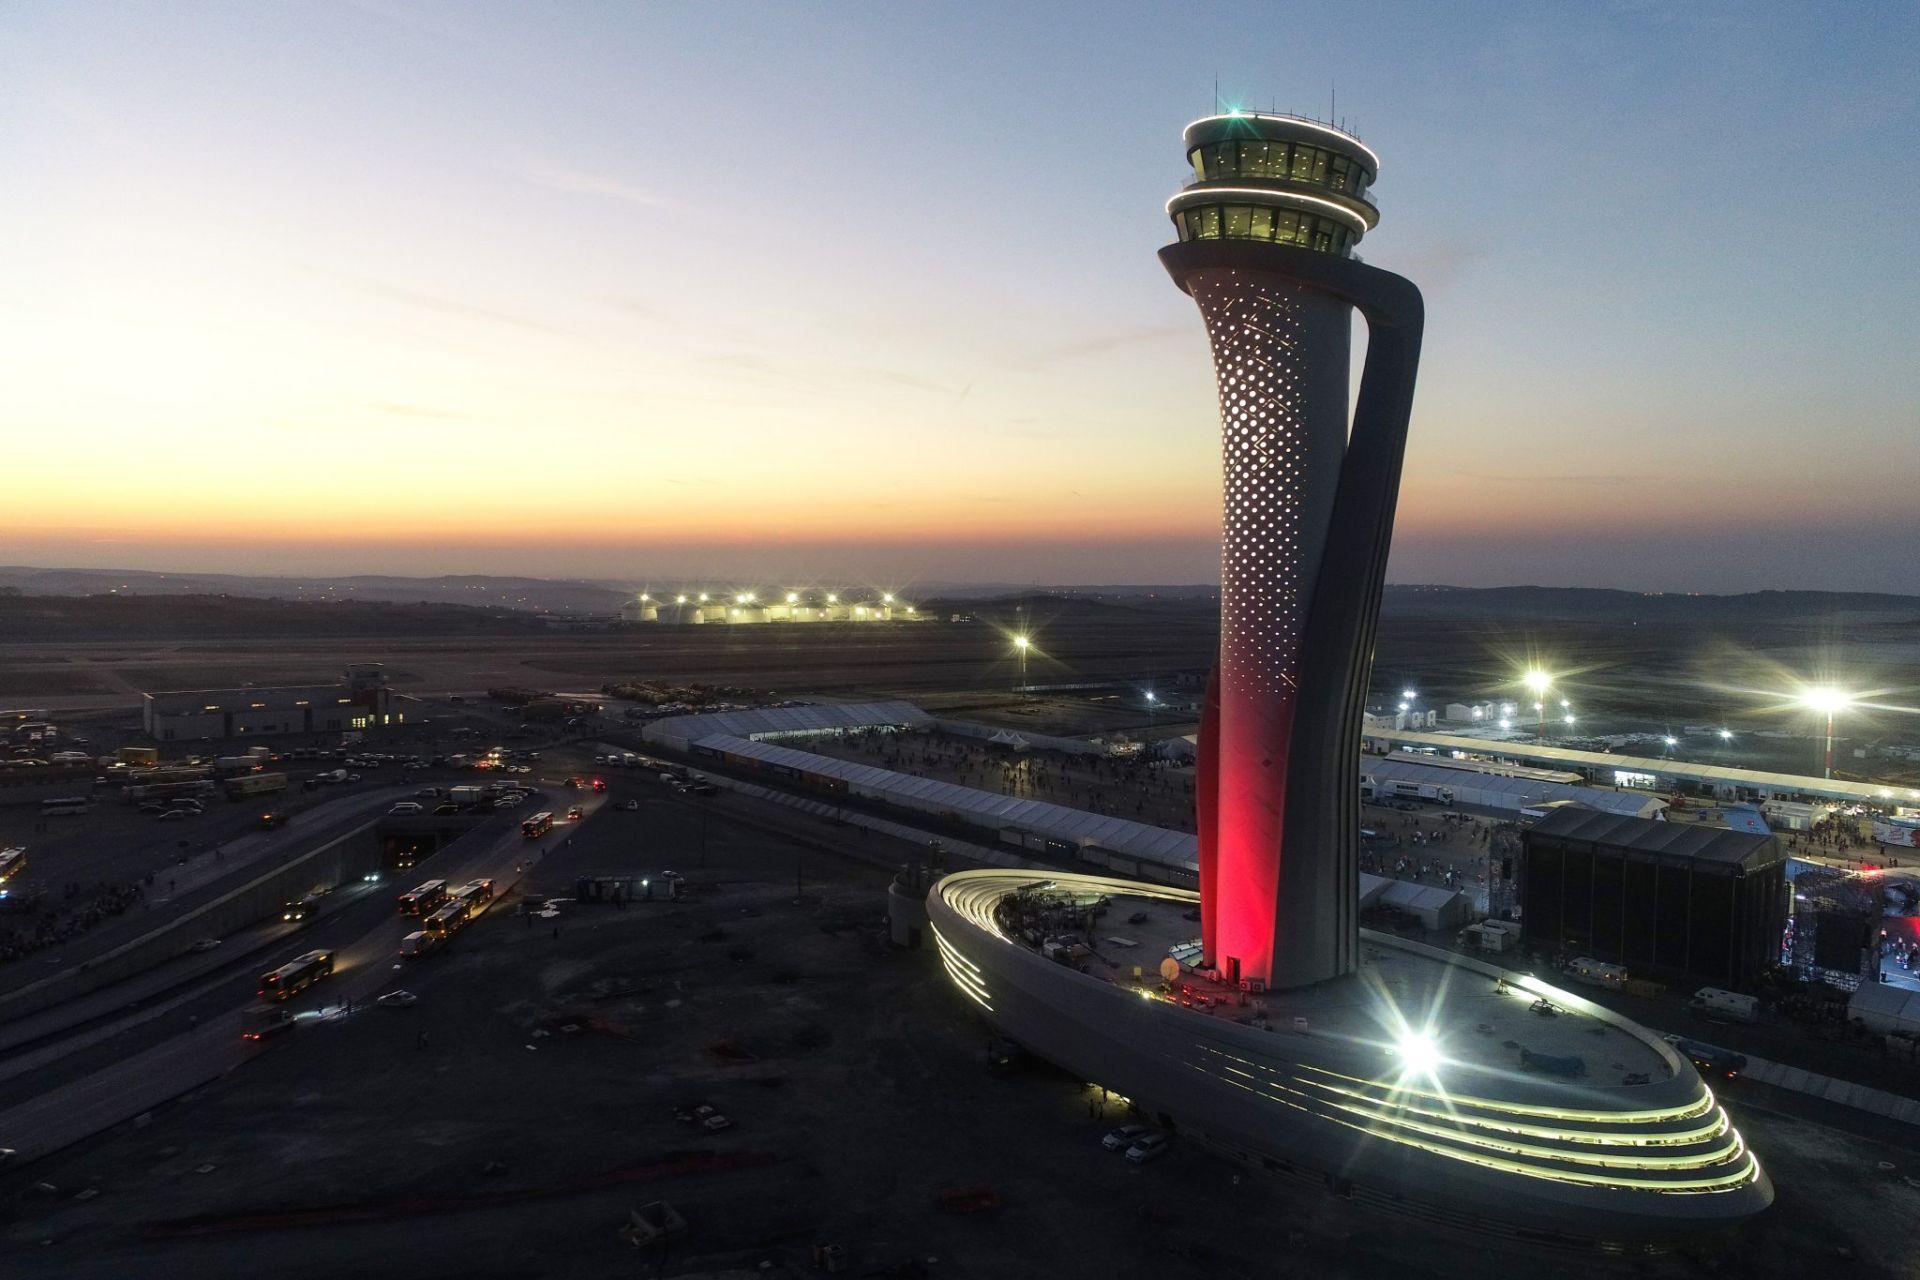 Nová řídící věž na novém istanbulském letišti. Foto: Pininfarina